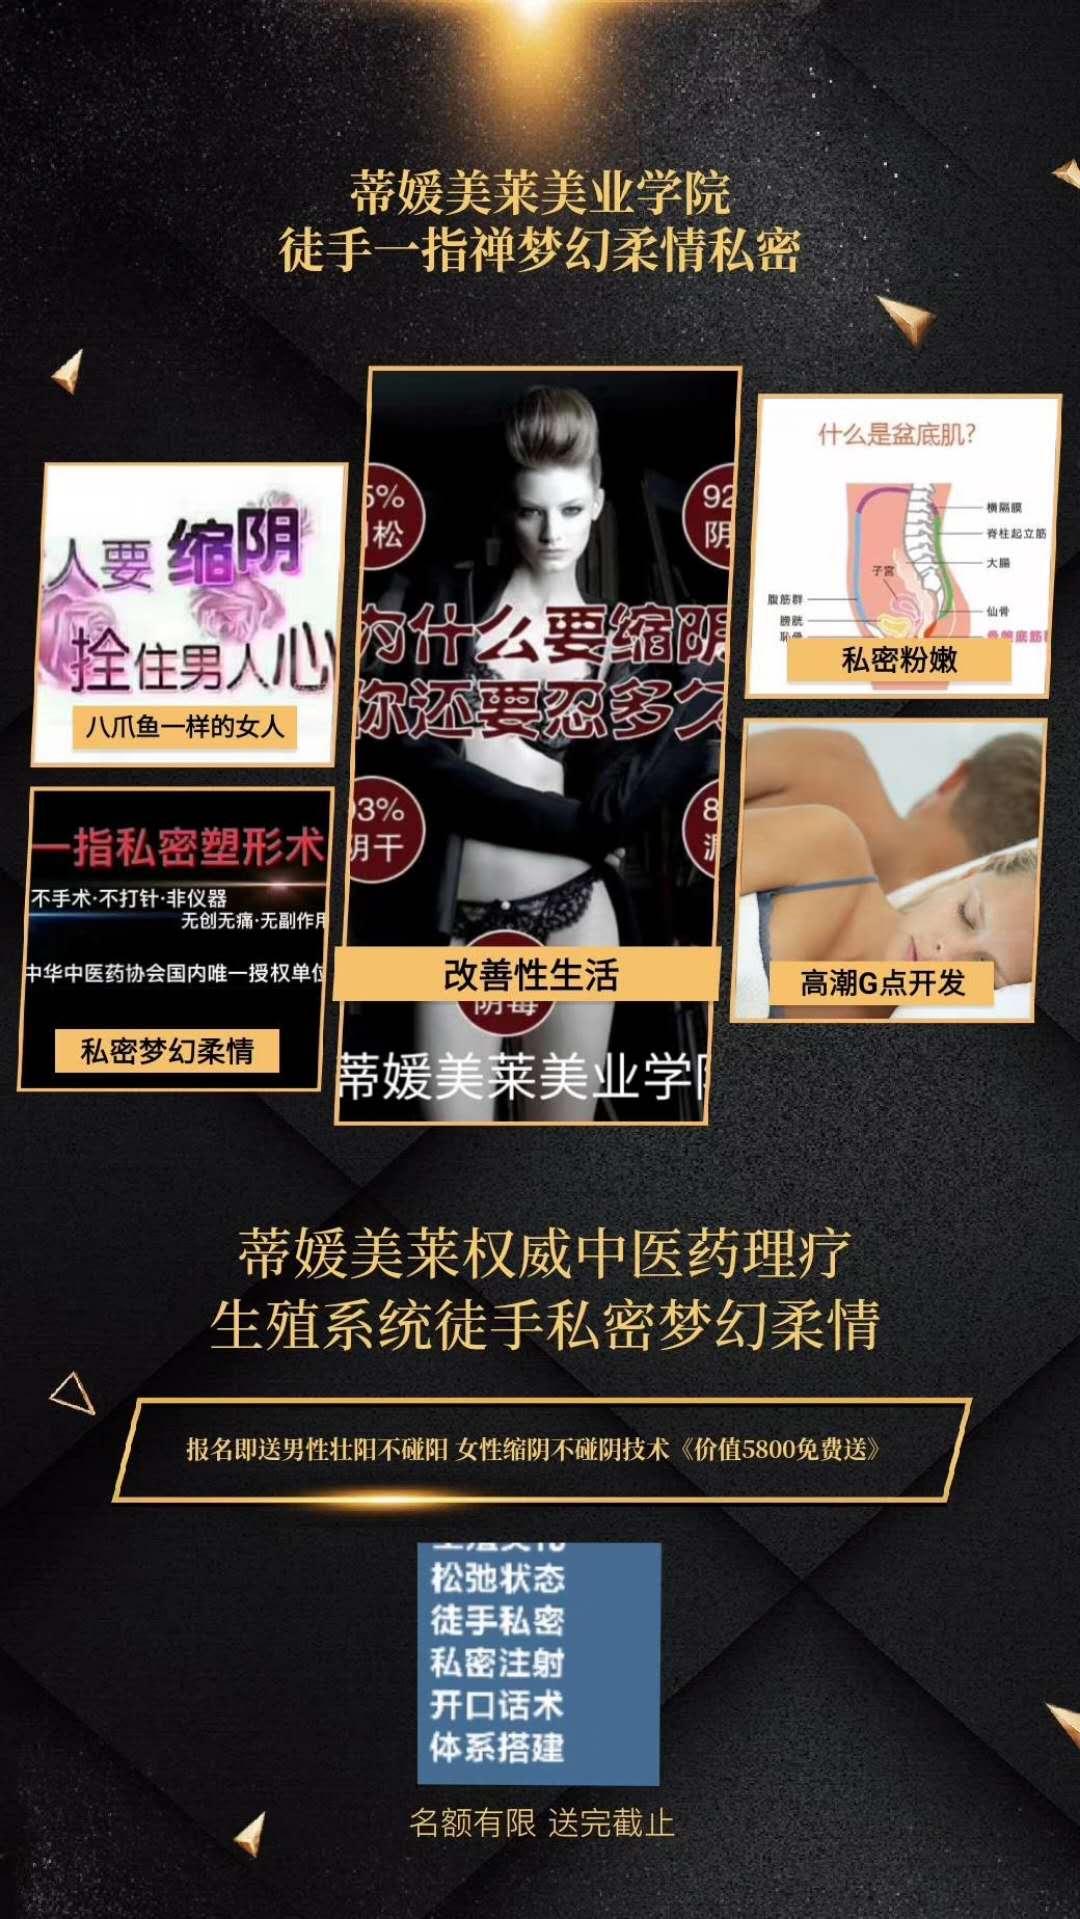 深圳市手把手教學徒手私密縮陰術培訓